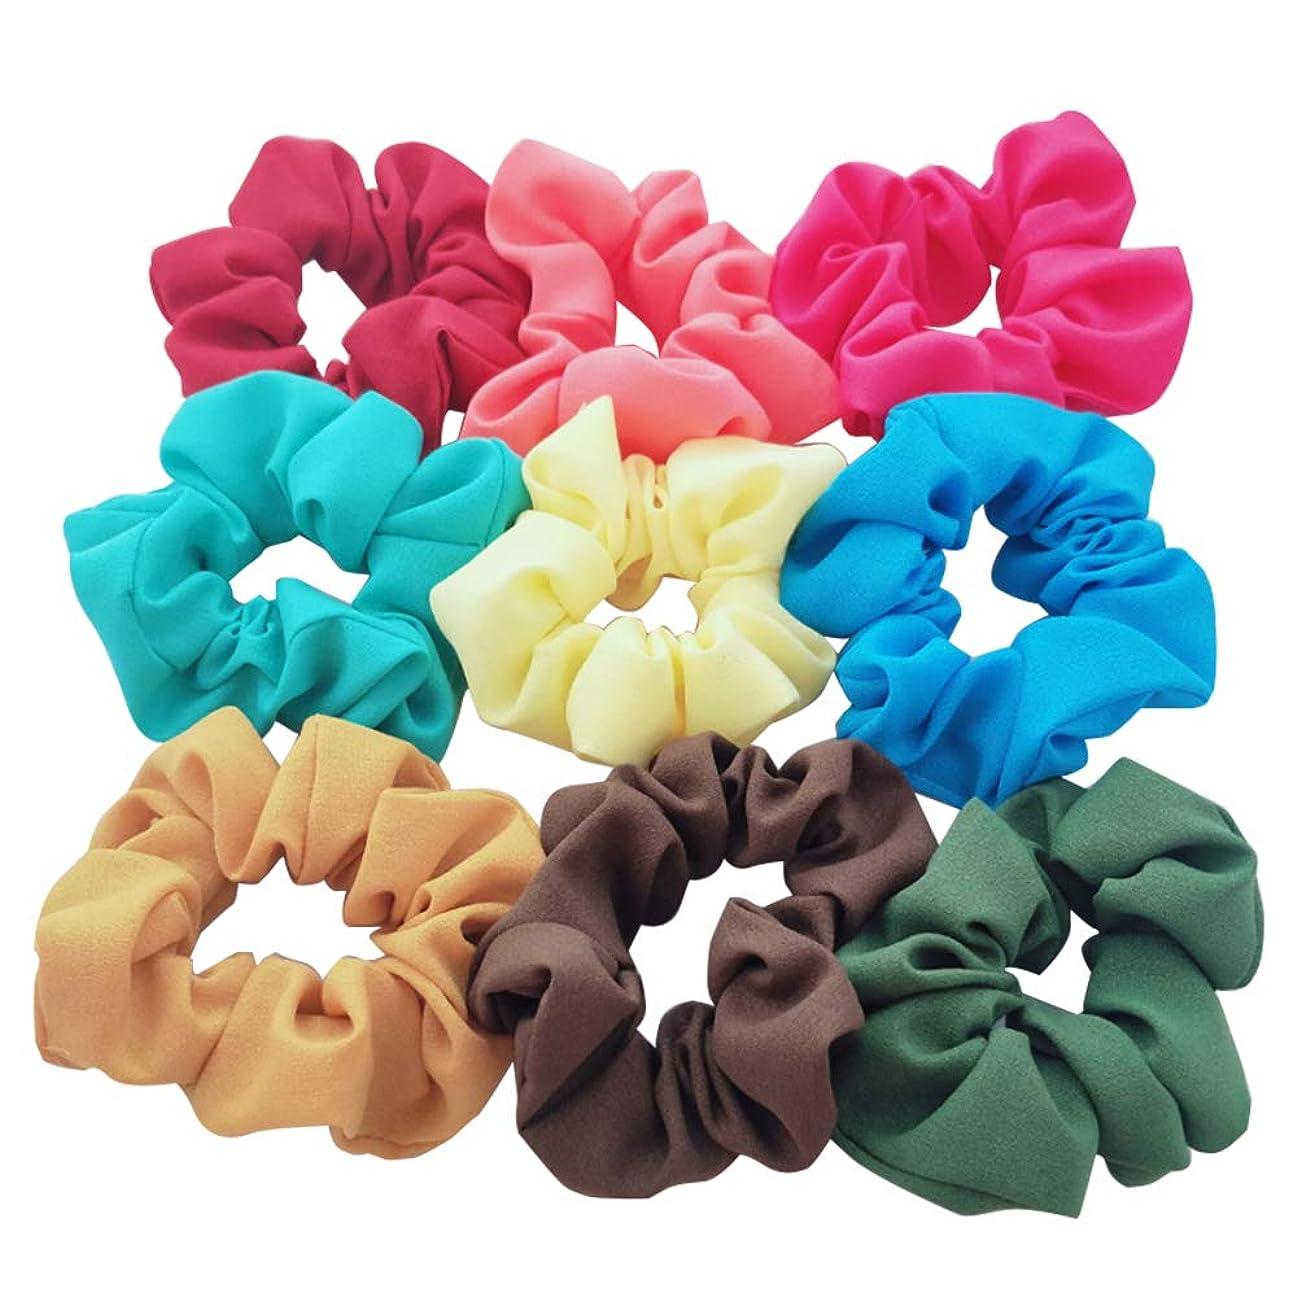 あるアブセイ以来9ピースヘアバンドガールズヘアアクセサリーぽっちゃりシフォン弾性ソフトヘアネクタイロープポニーテール、女性や女の子のためのバンドヘアアクセサリー